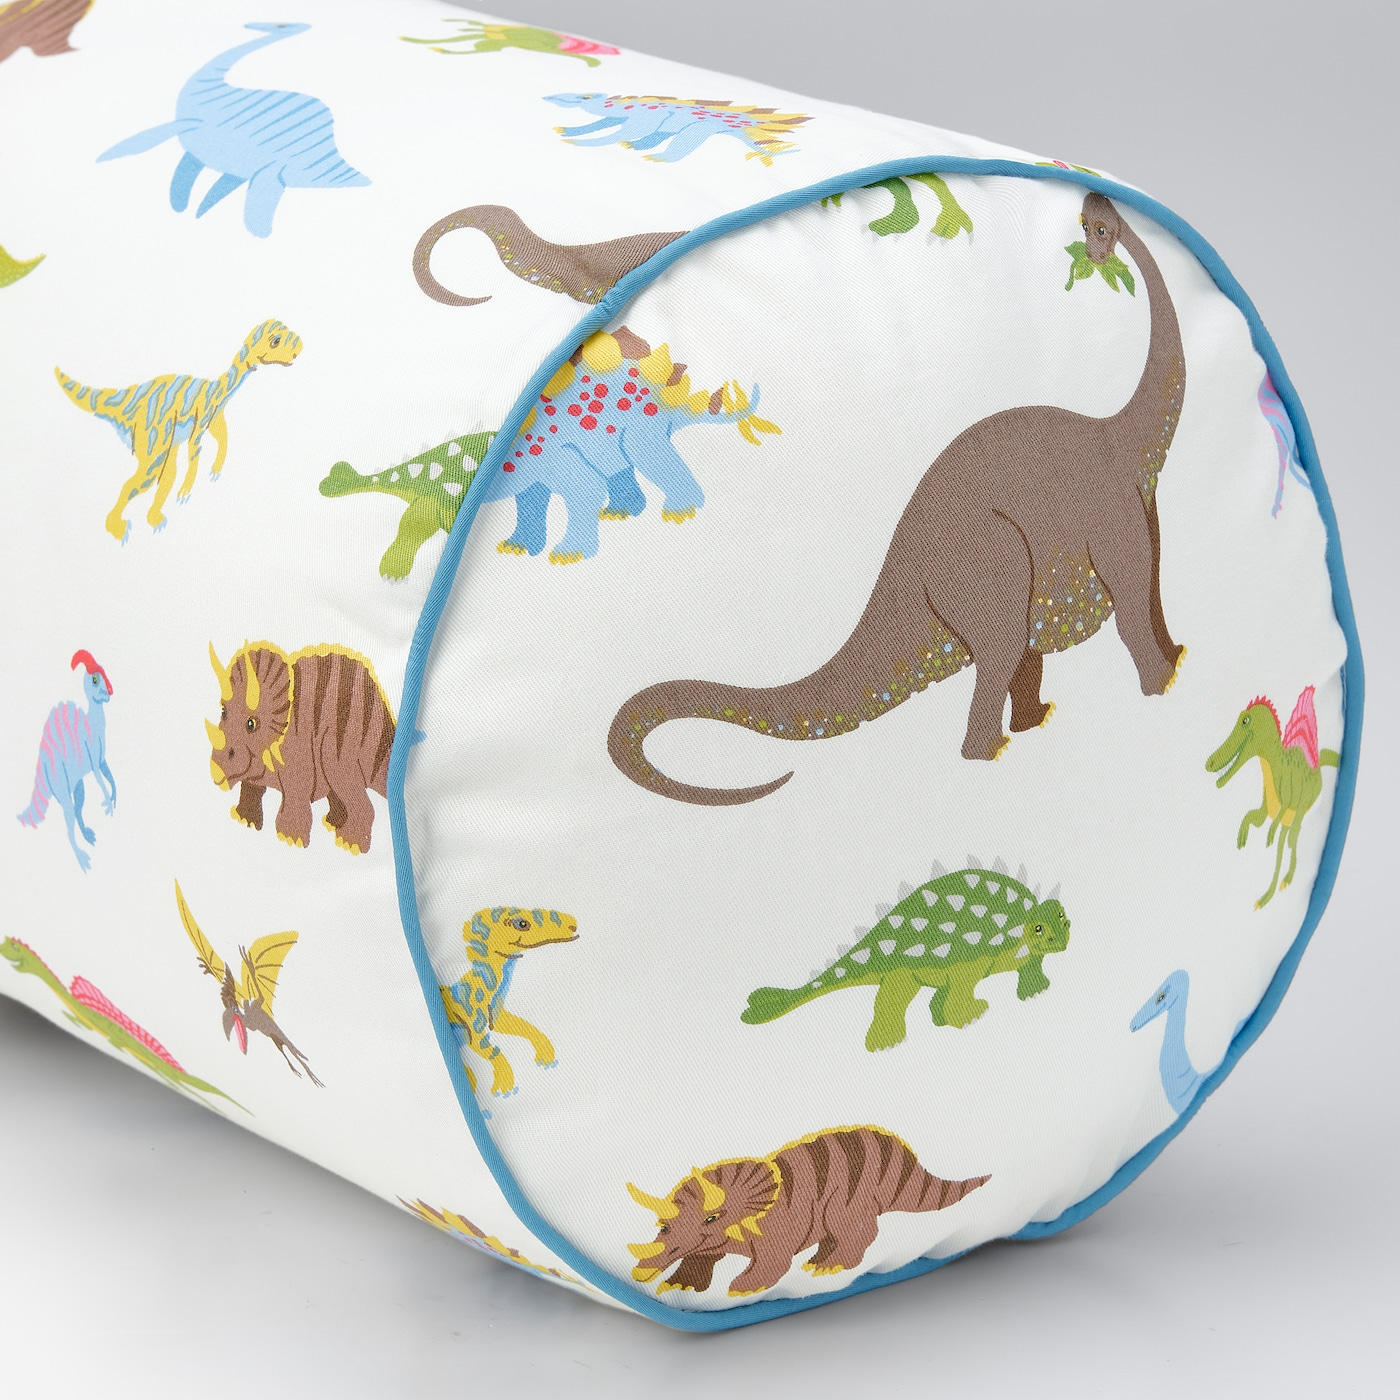 JÄTTELIK وسادة, ديناصور/متعدد الالوان, 80 سم